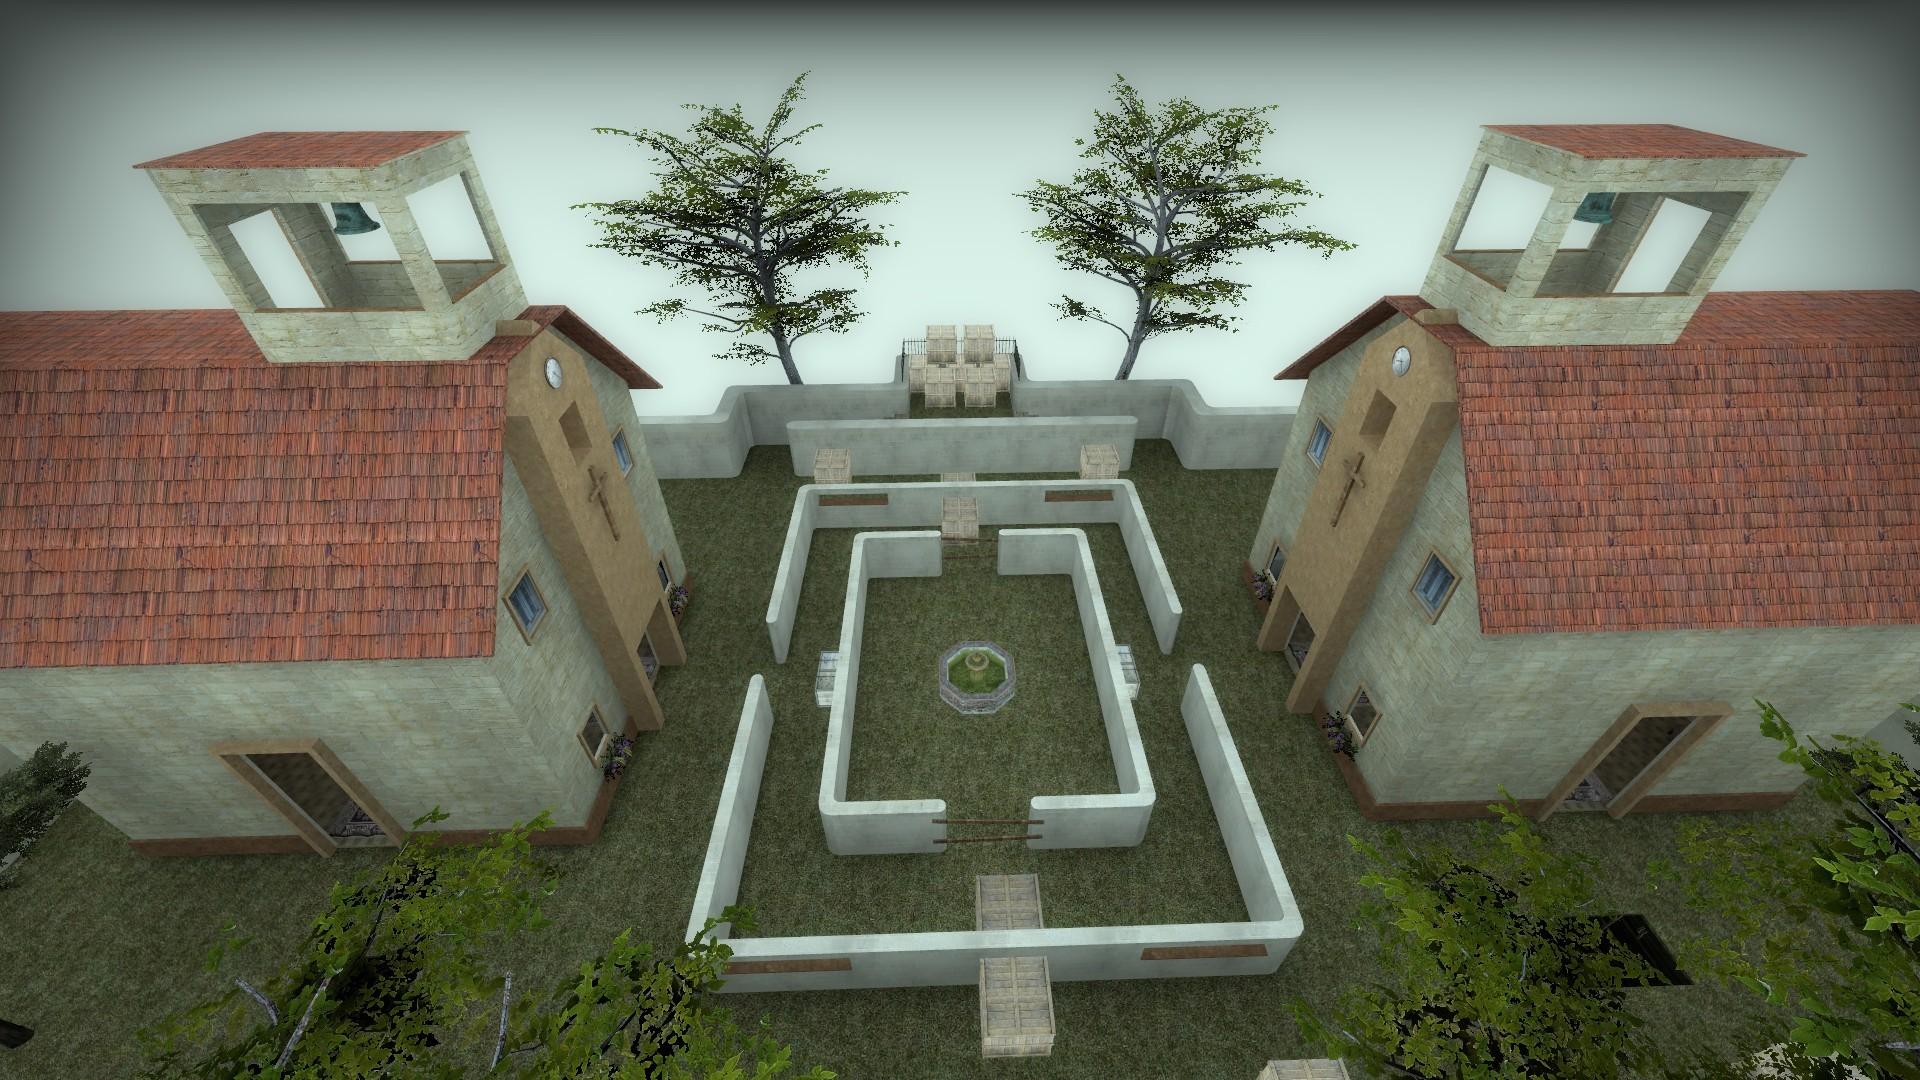 http://endgegner.fightercom.de/CounterStrikeGlobalOffensive/screen-ar_churches3.jpg